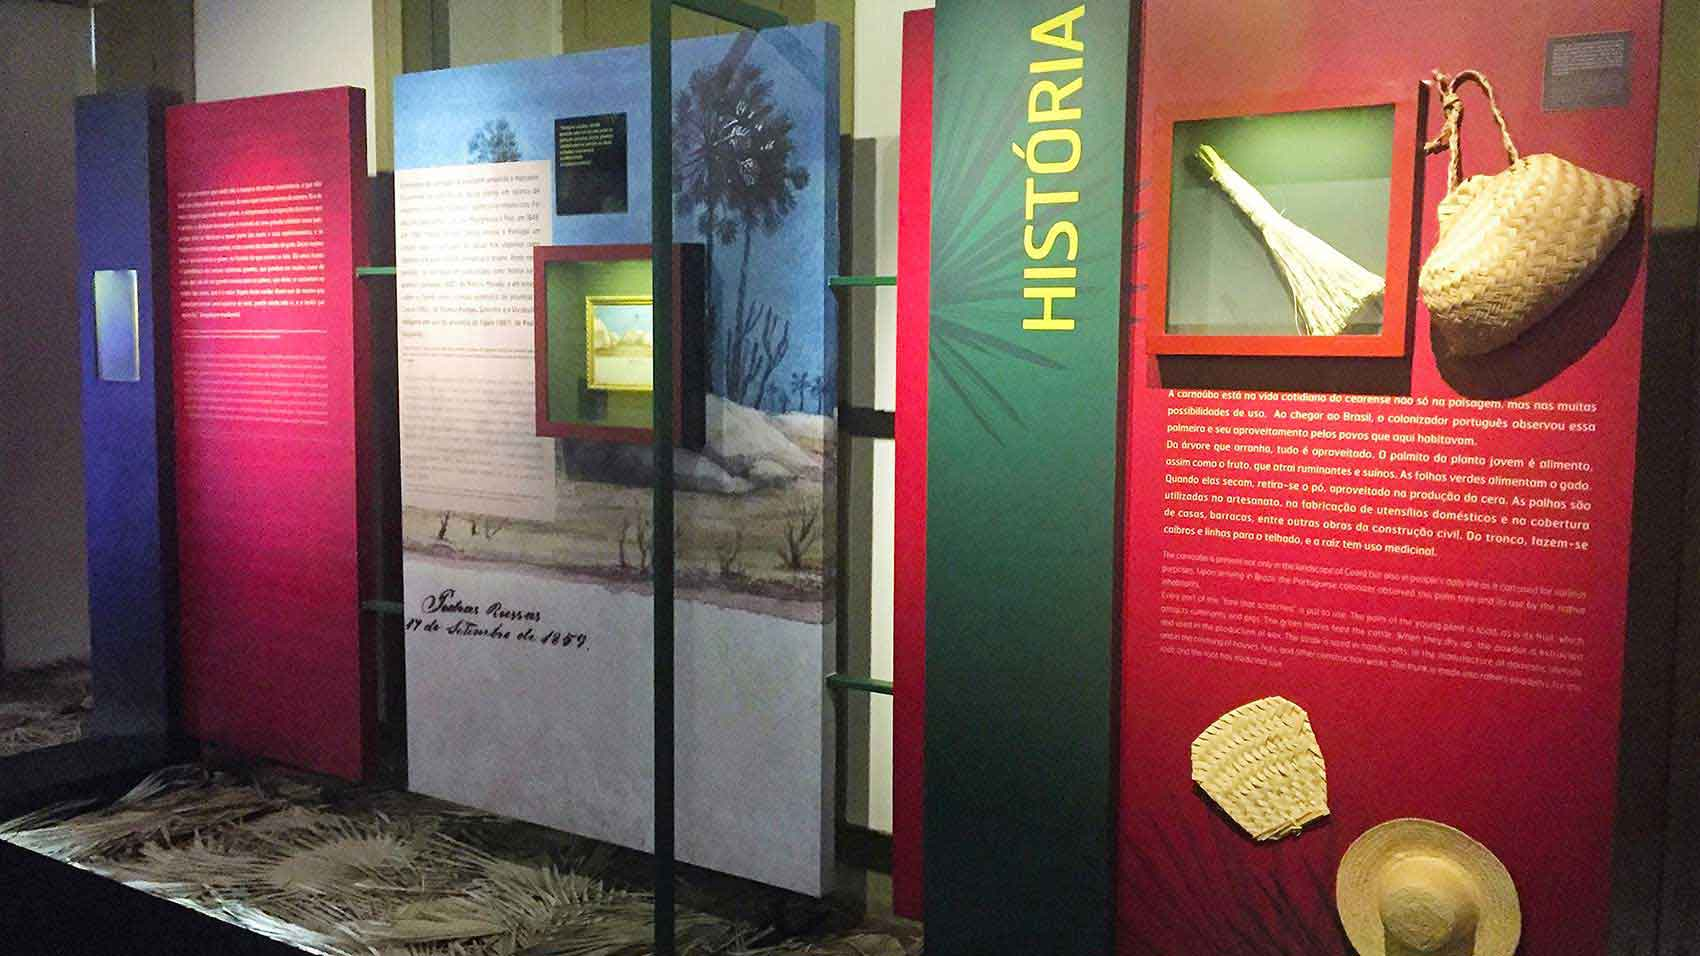 Museumsexponat in Partnerschaft mit dem Industriemuseum, dem Sozialverband und dem Industrieverband von Ceará